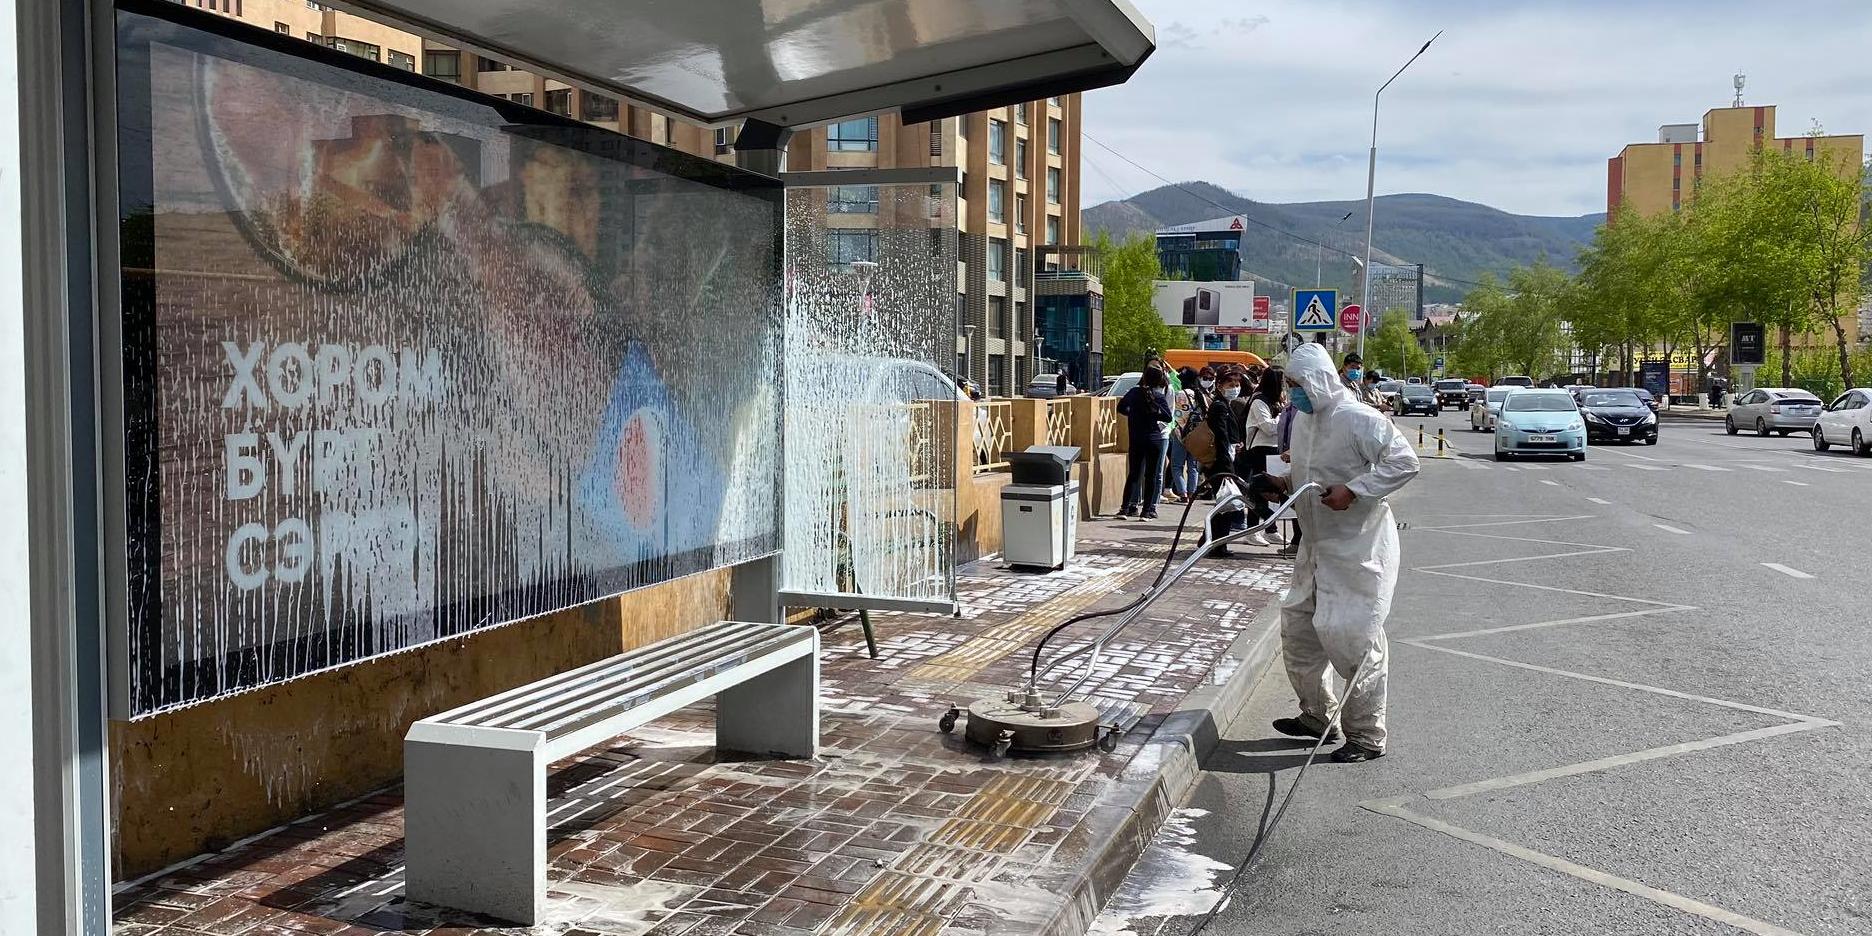 Автобусны буудлын сандал, хогийн сав, нийтийн эзэмшлийн гудамж талбайг халдваргүйтгэлийн бодис, угаалгын хөөсөөр цэвэрлэж байна